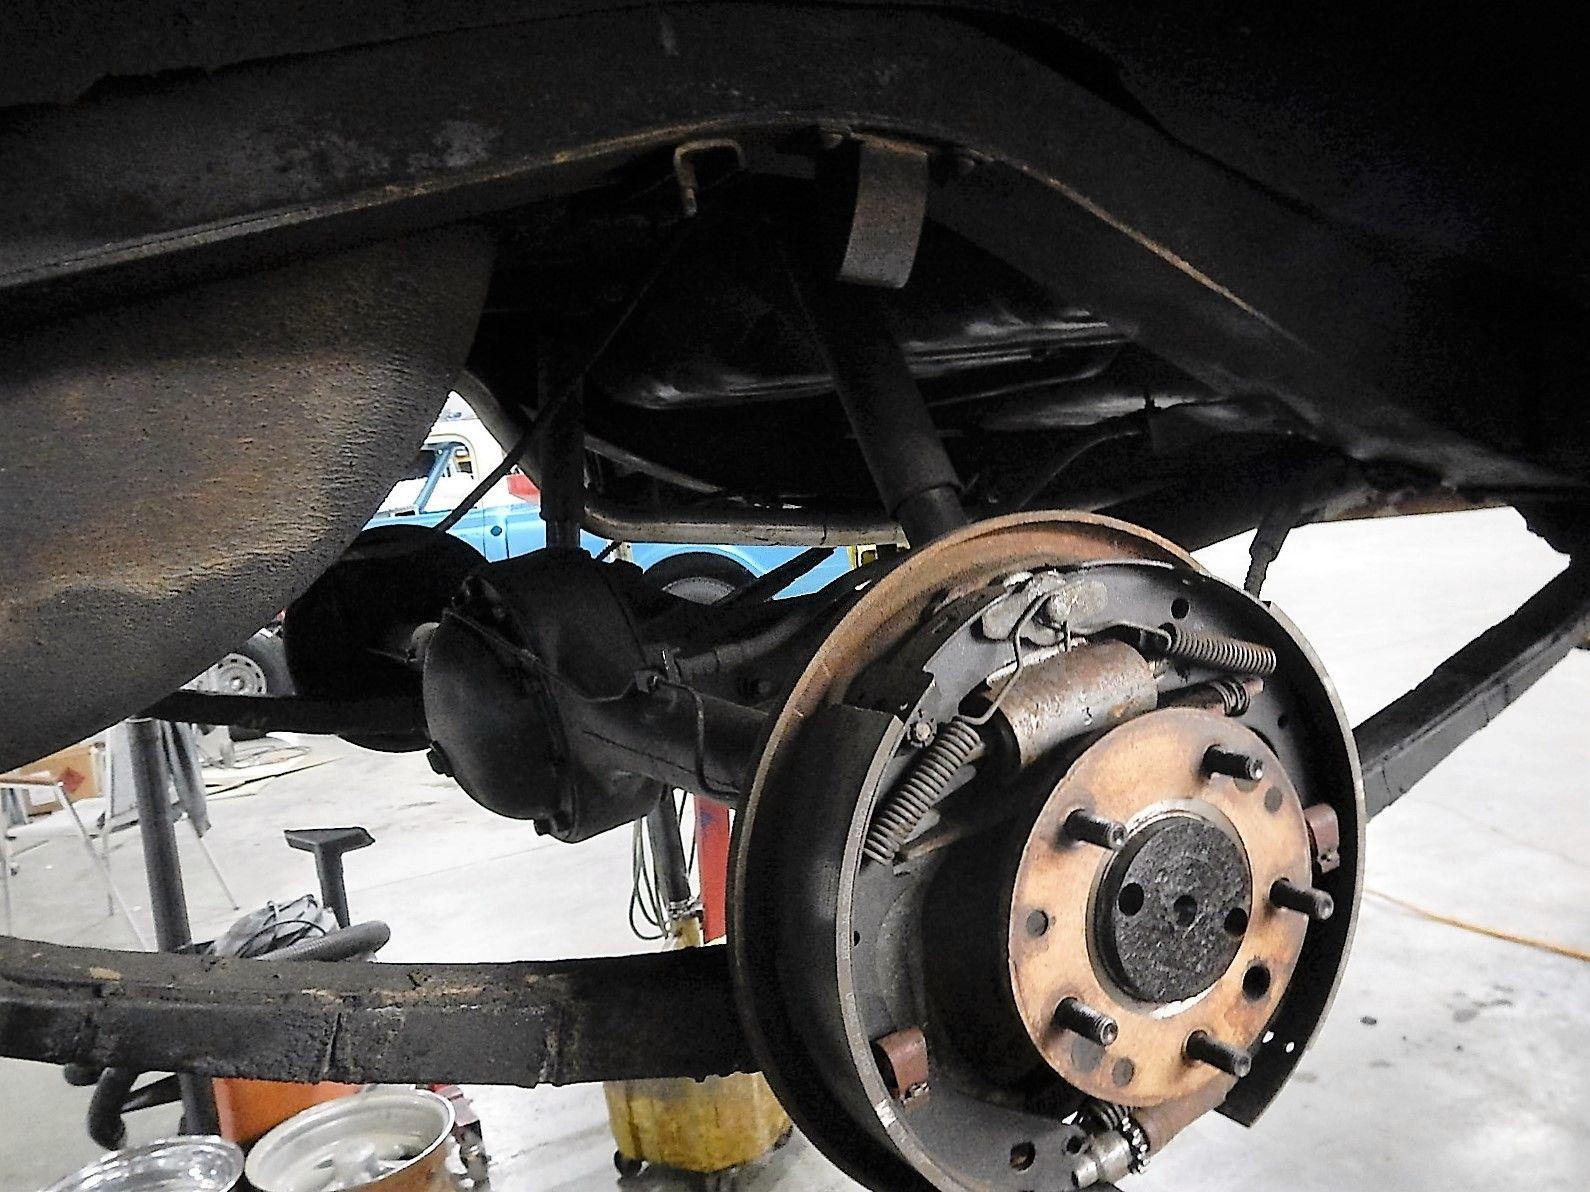 1951 Chevy Disk Brake Job -Franks-  007.jpg